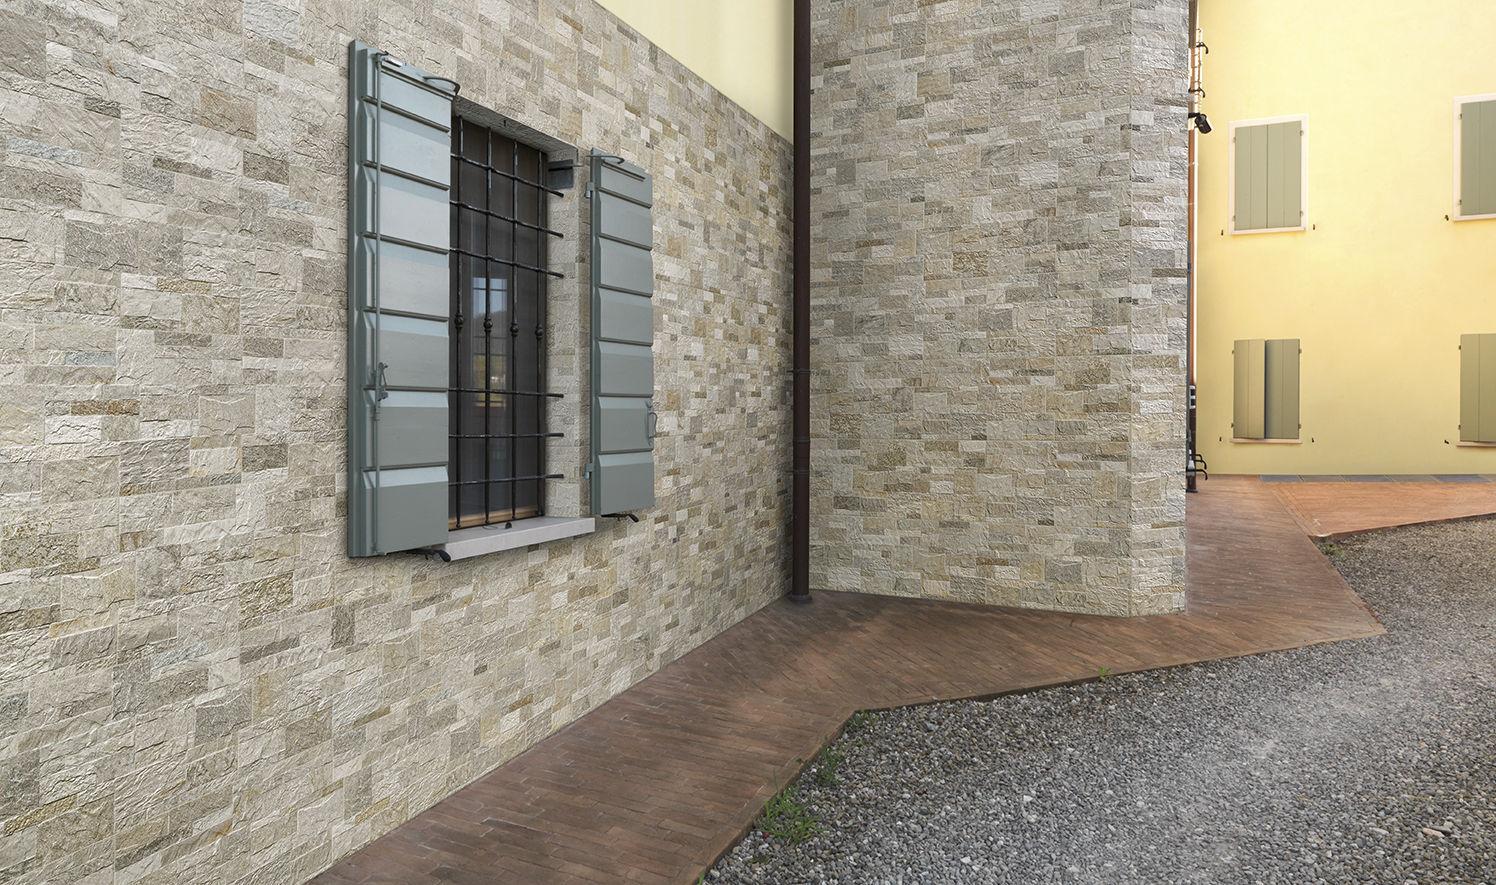 Carrelage D'extérieur - Rockstyle : R-Silver - Fiordo - D ... concernant Carrelage Mural Exterieur